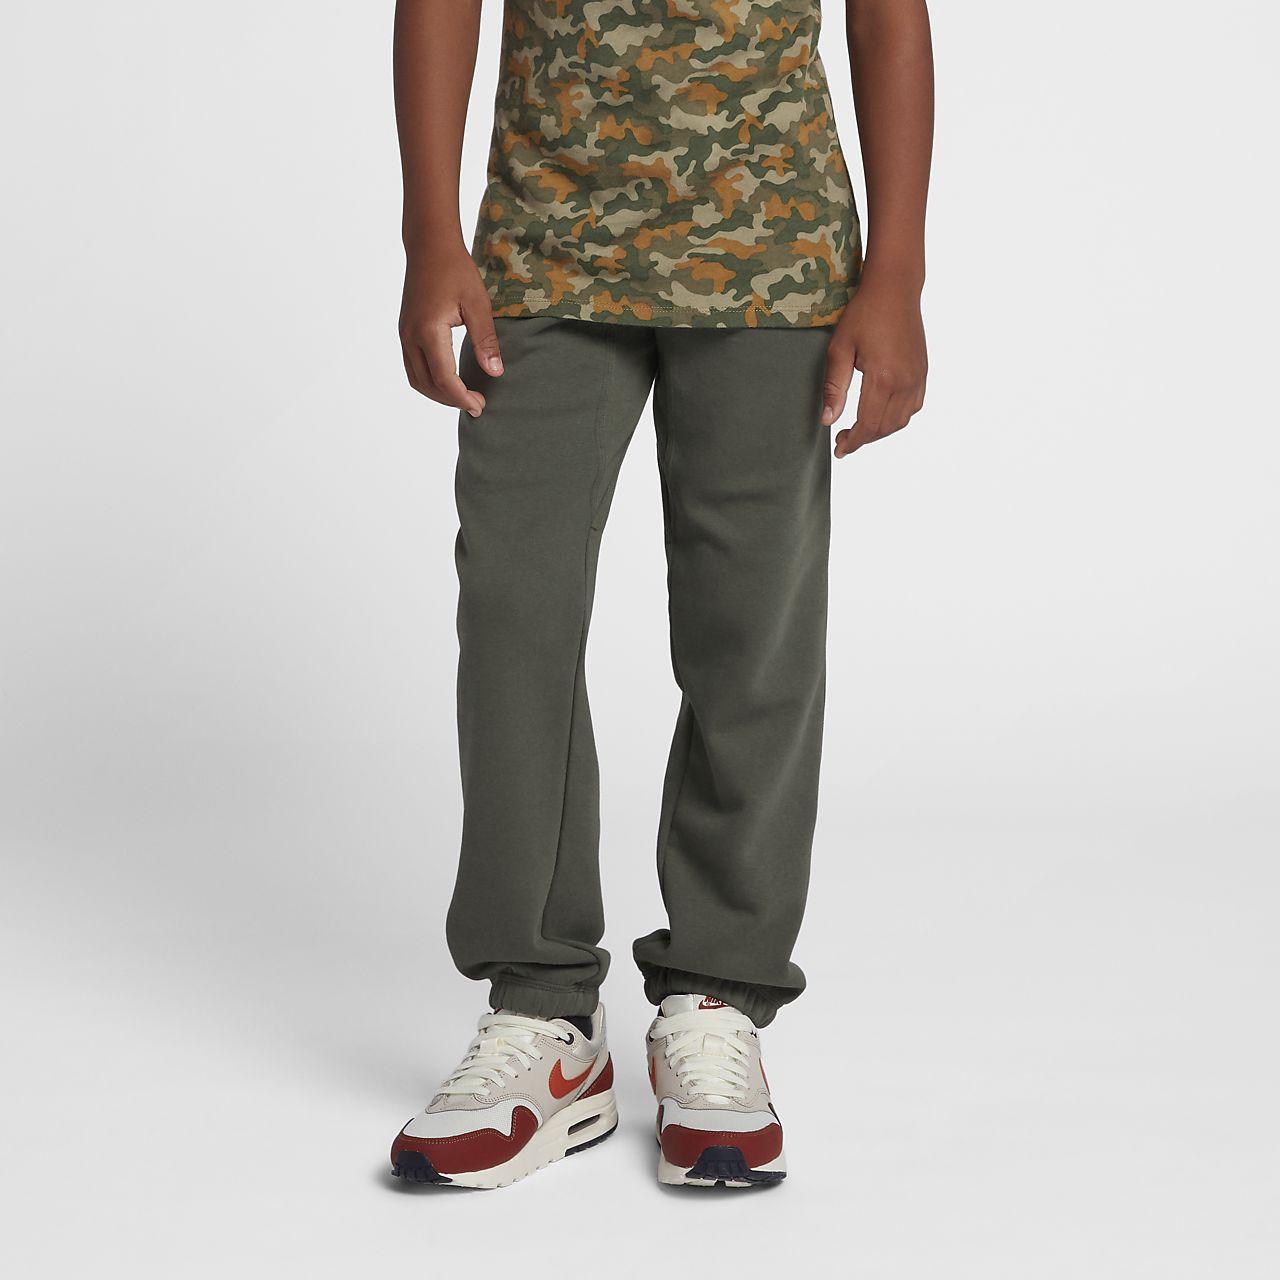 Nike Brushed-Fleece Cuffed melegítőnadrág fiúknak